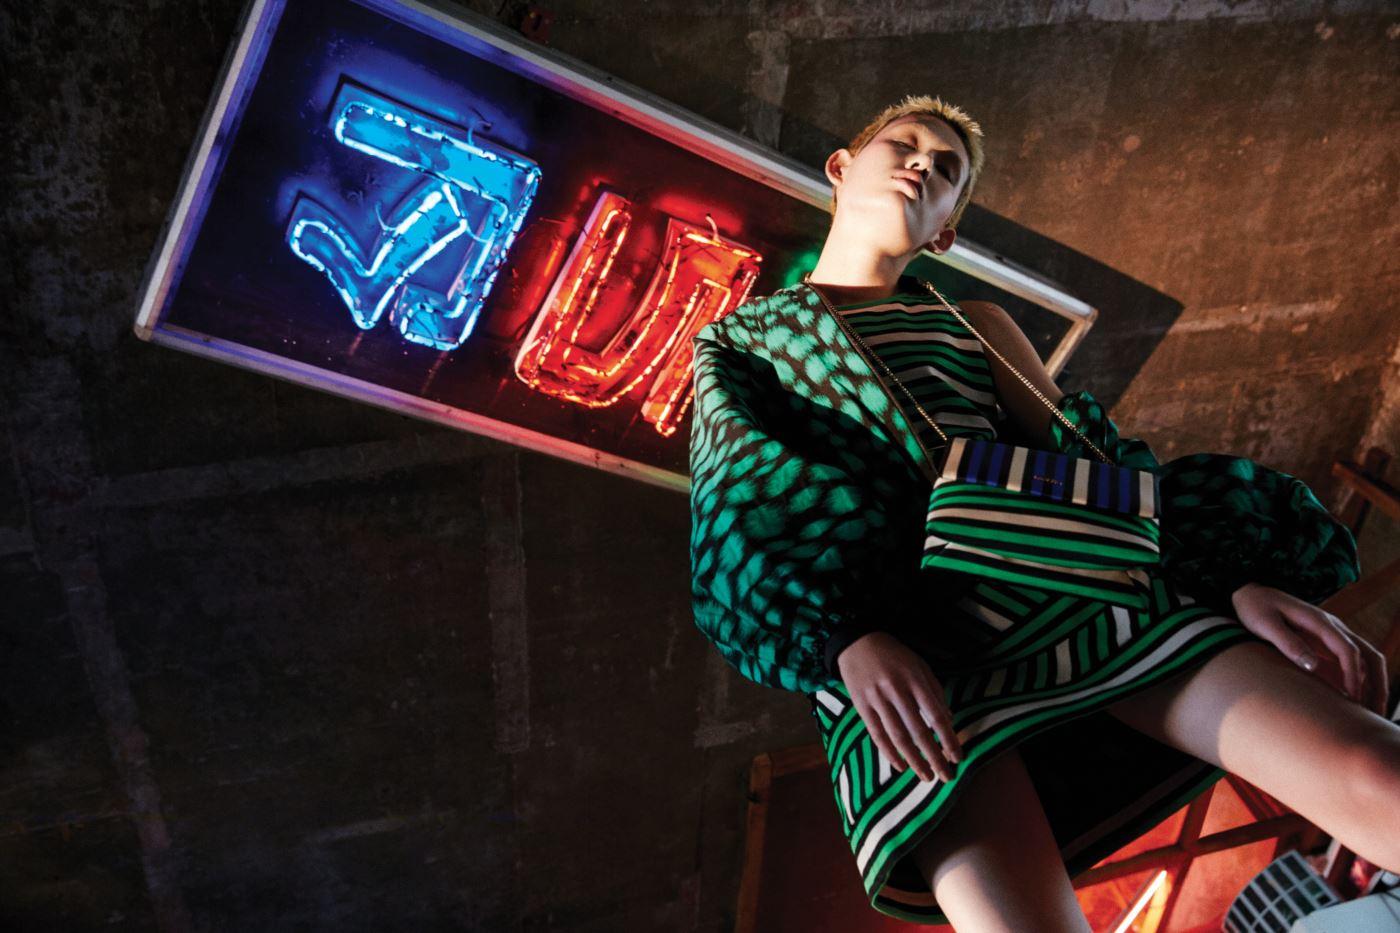 화려한 패턴이 돋보이는 레트로풍의 벌룬 실루엣 재킷과 저지 소재의 줄무늬 드레스, 옷과 같은 패턴의 줄무늬 미니 슈가백은 모두 Lanvin 제품.